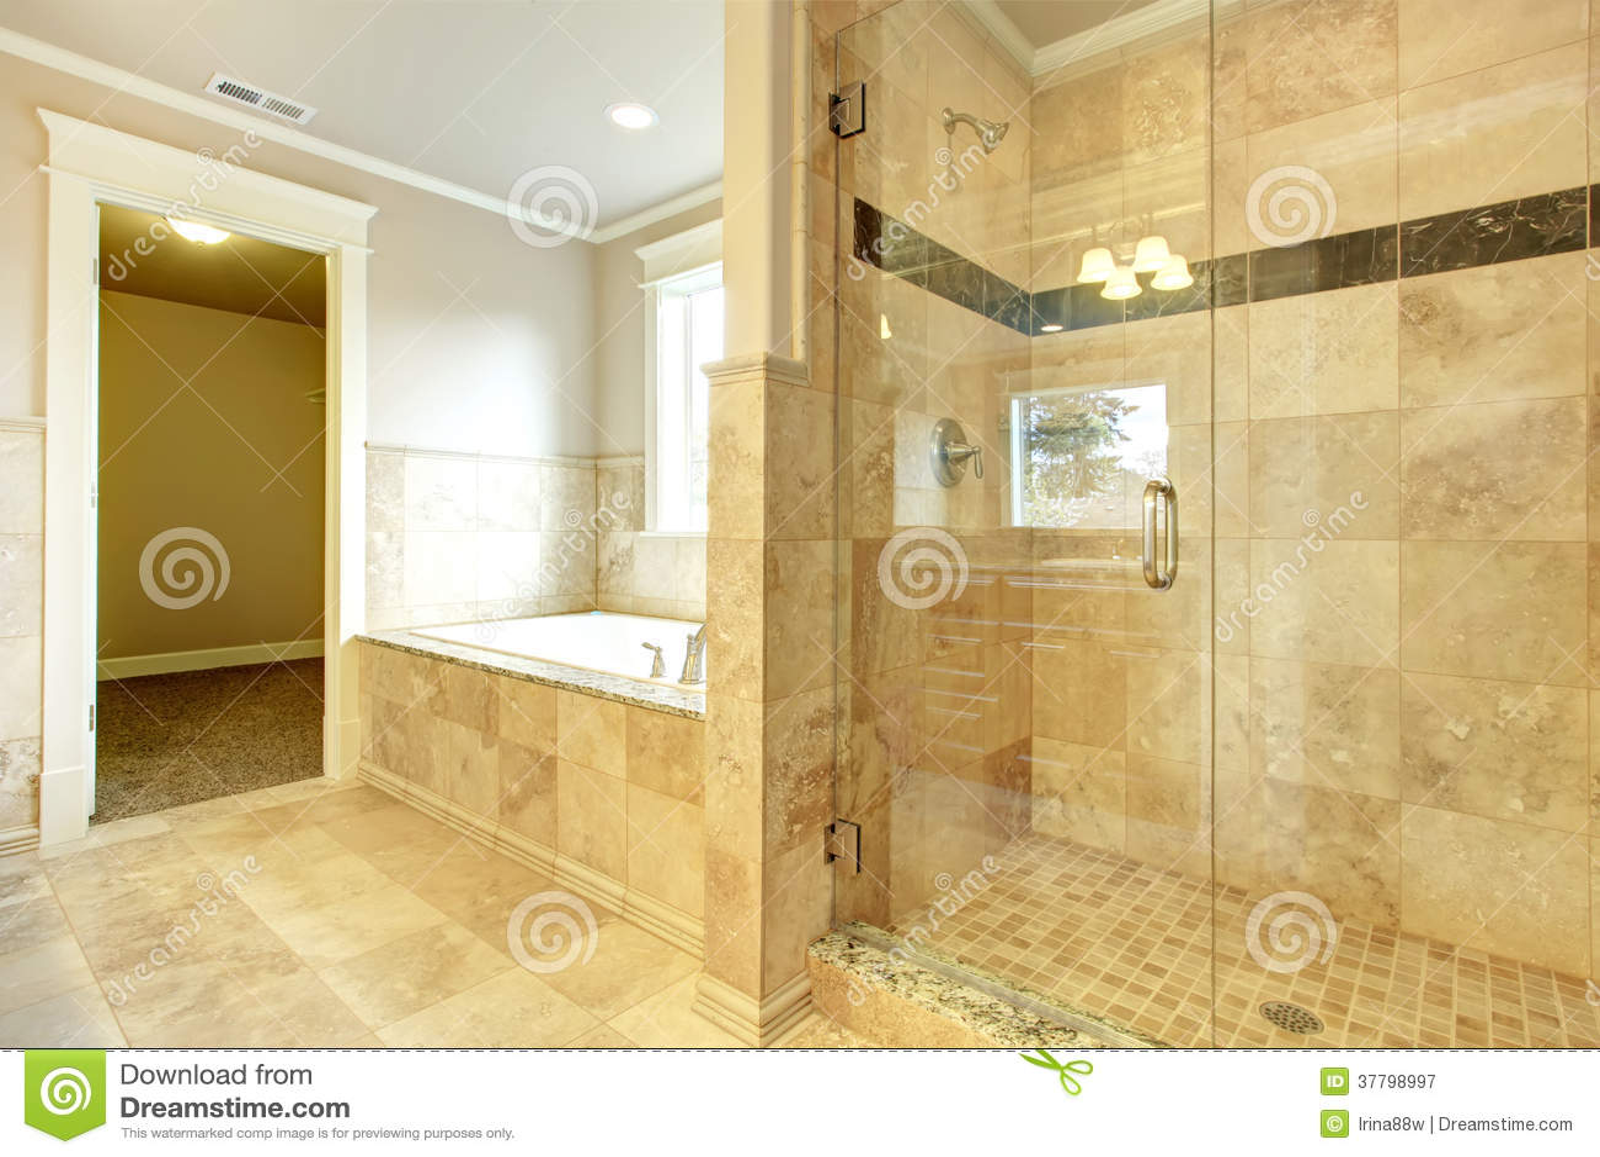 Imagenes cuartos de ba o con ducha for Suelos para cuartos de bano